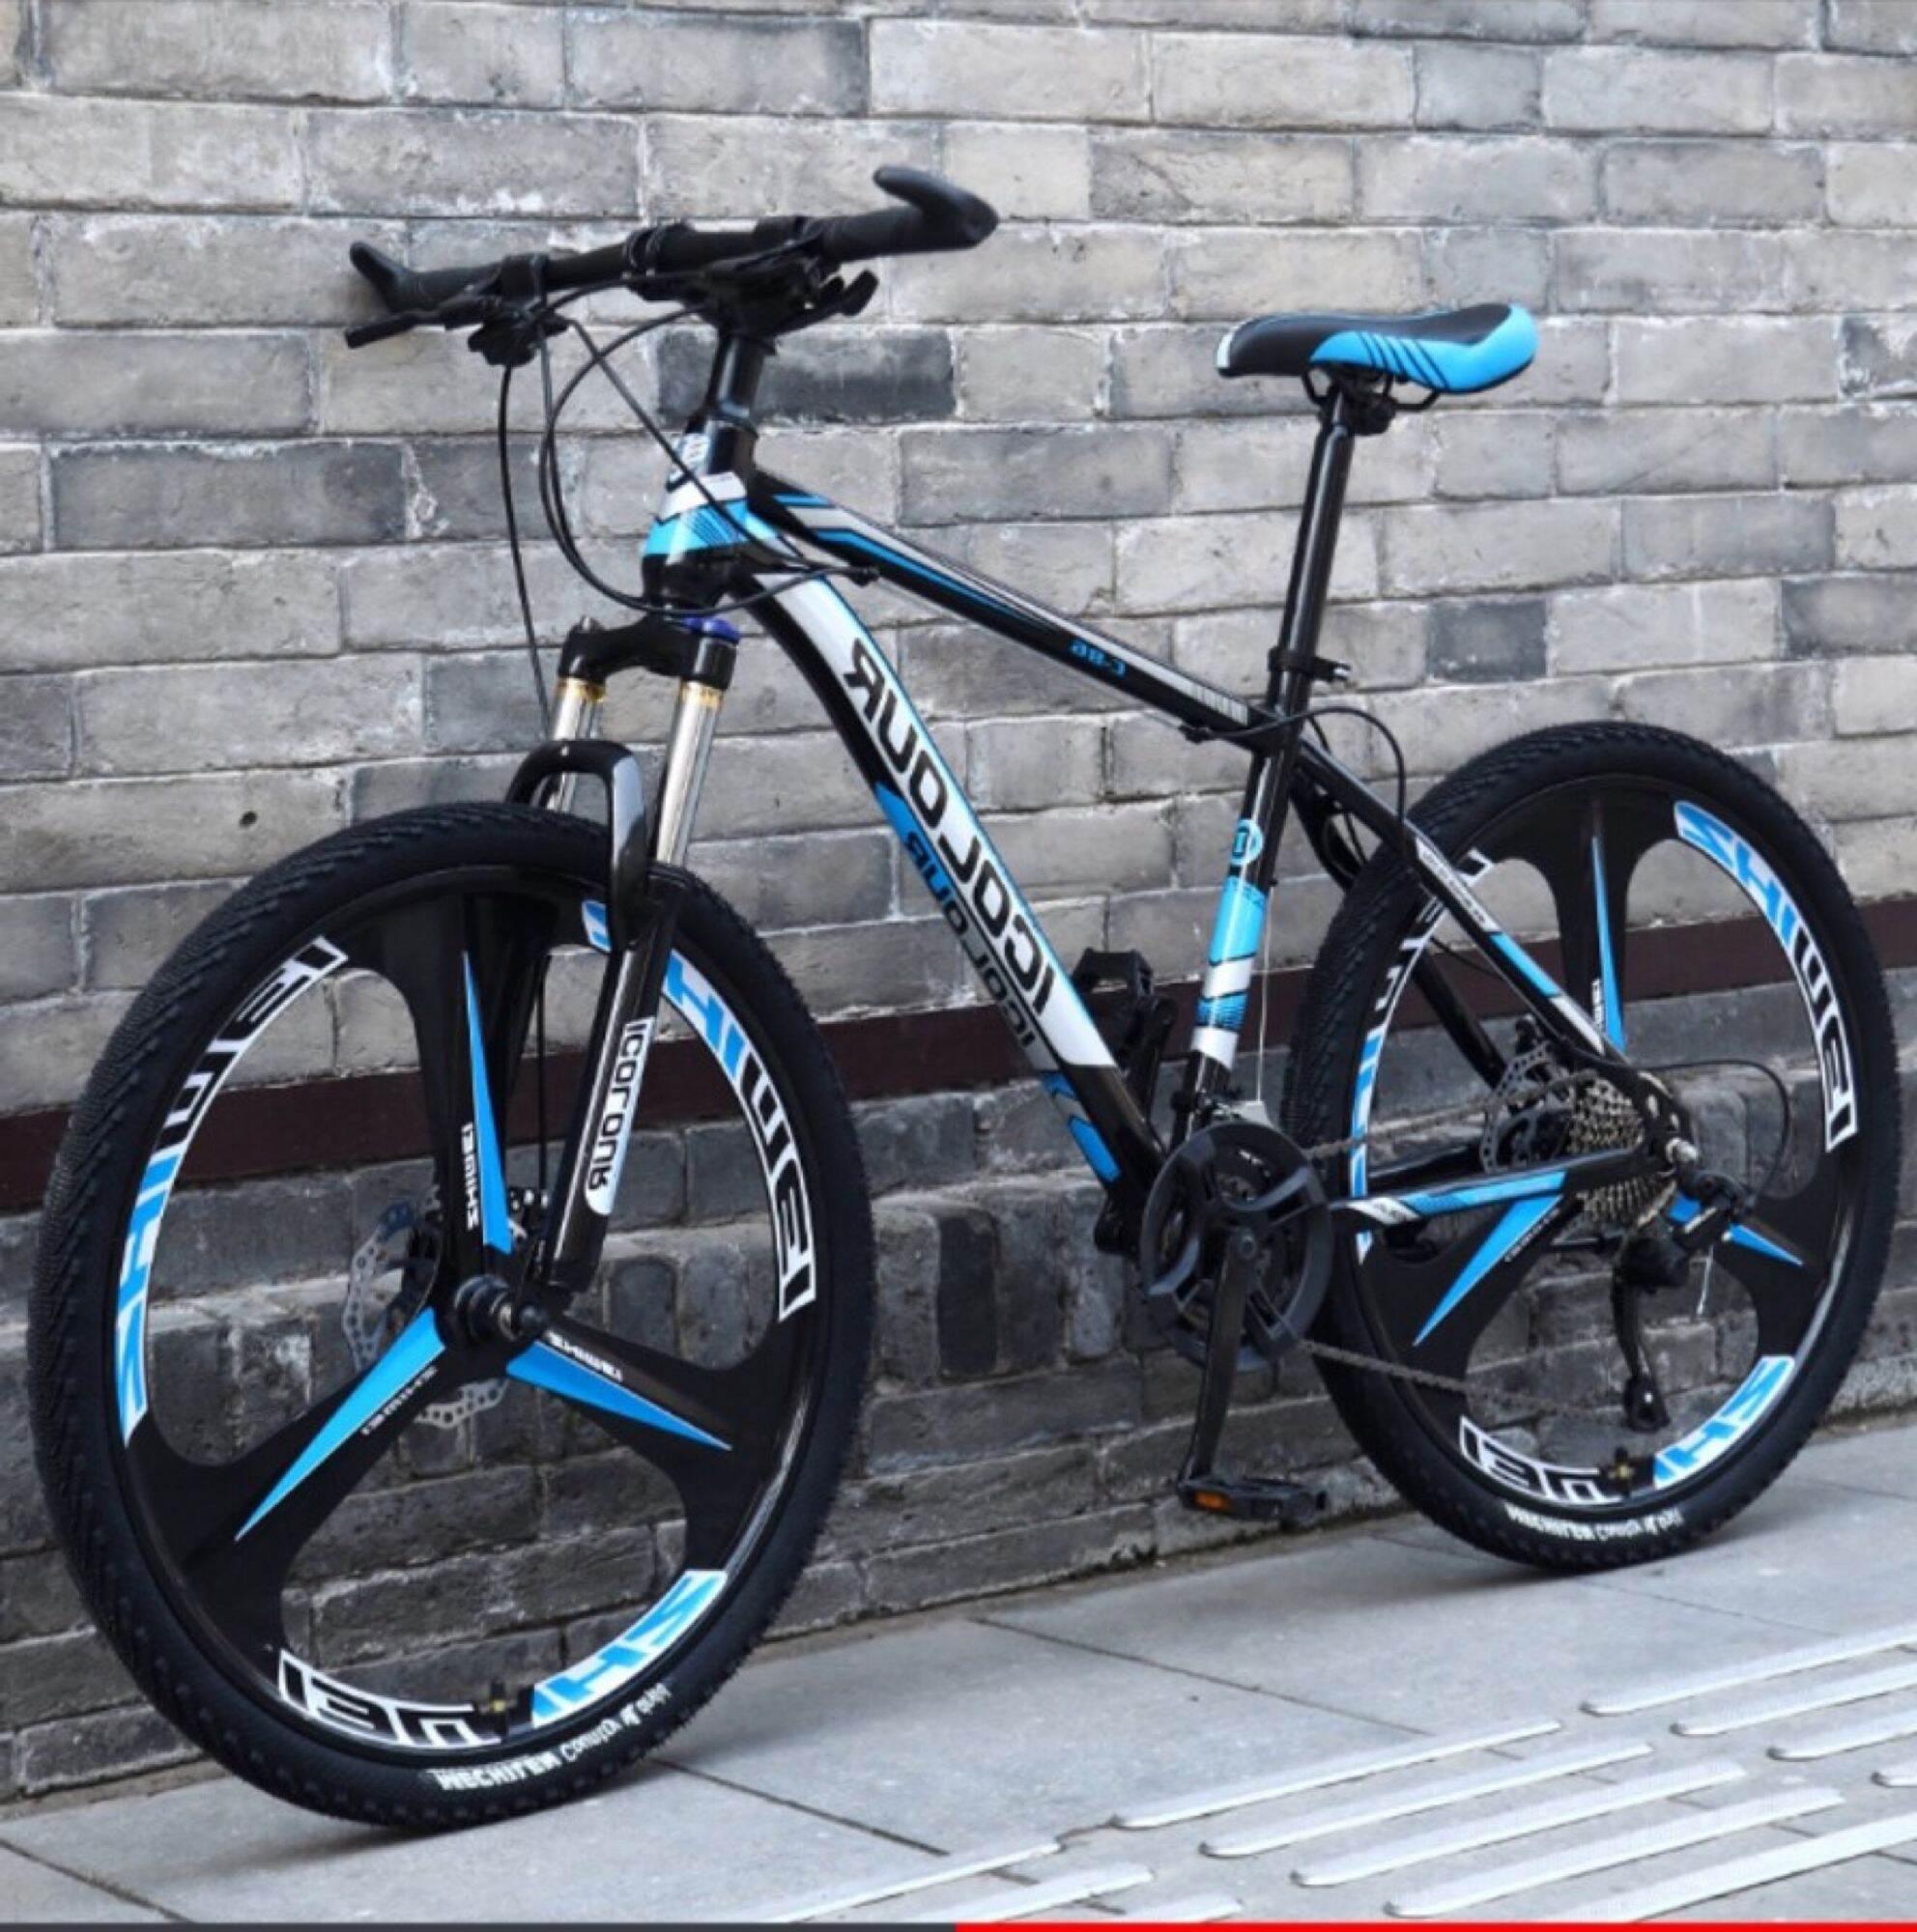 Mua Xe đạp leo núi nam xe đạp địa hình tốc độ biến thiên giảm xóc đôi xe đua nhẹ 26 icnh